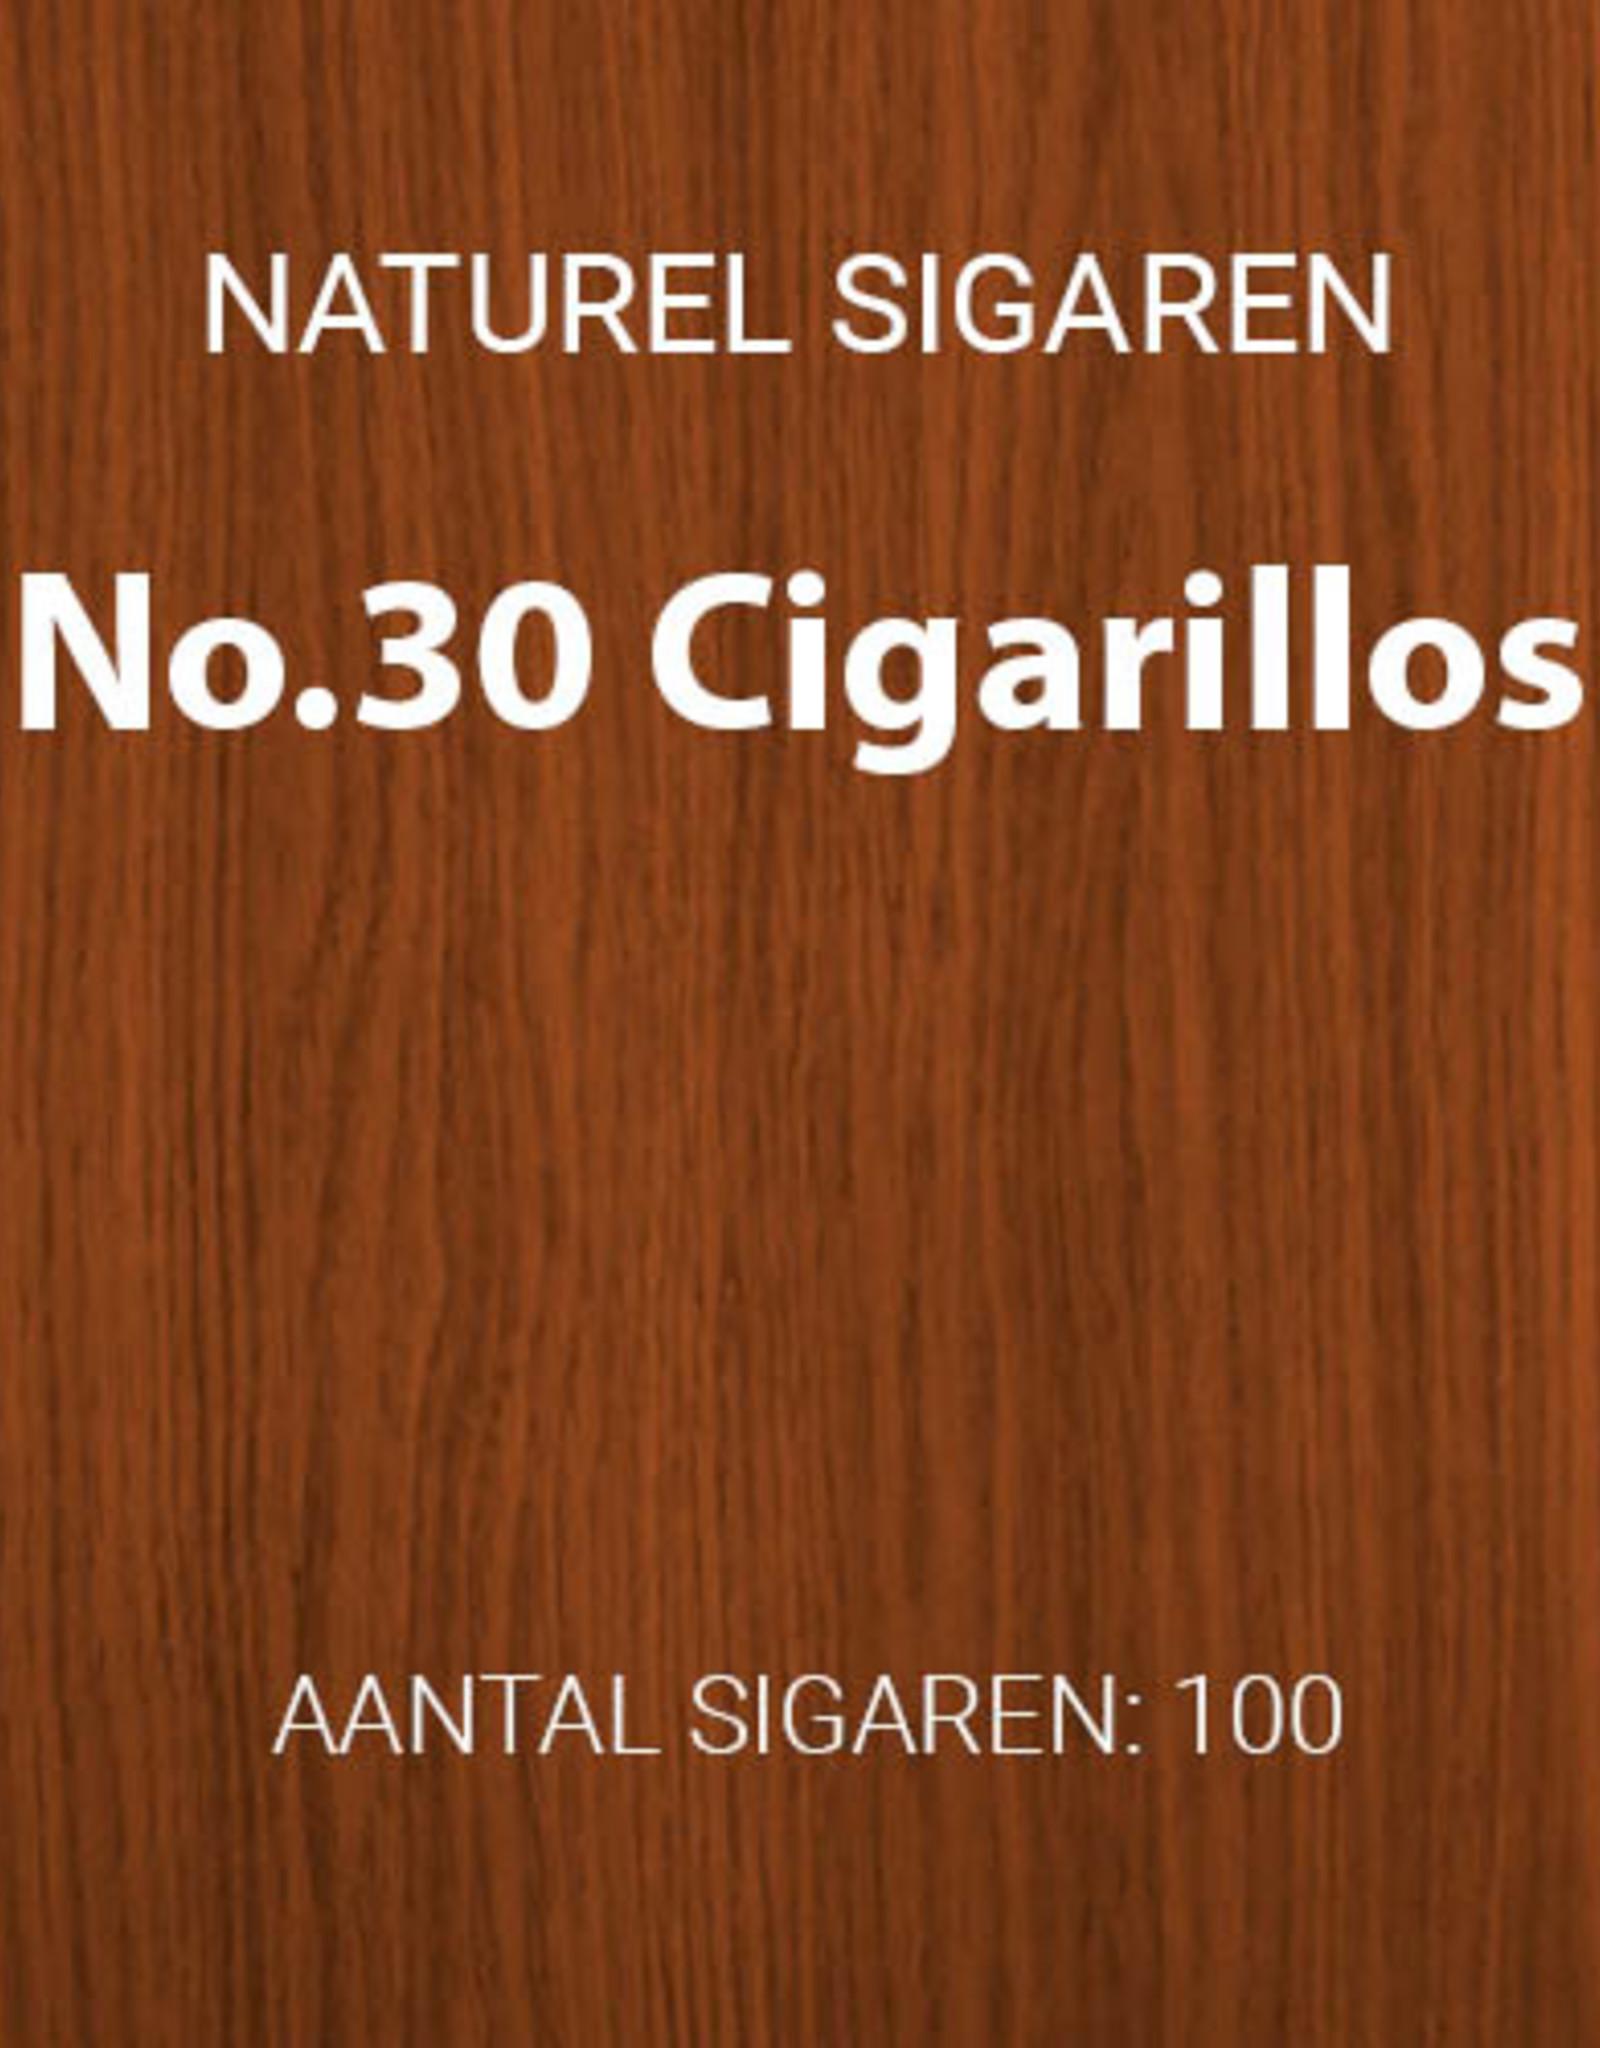 Sumatra Stick No. 30